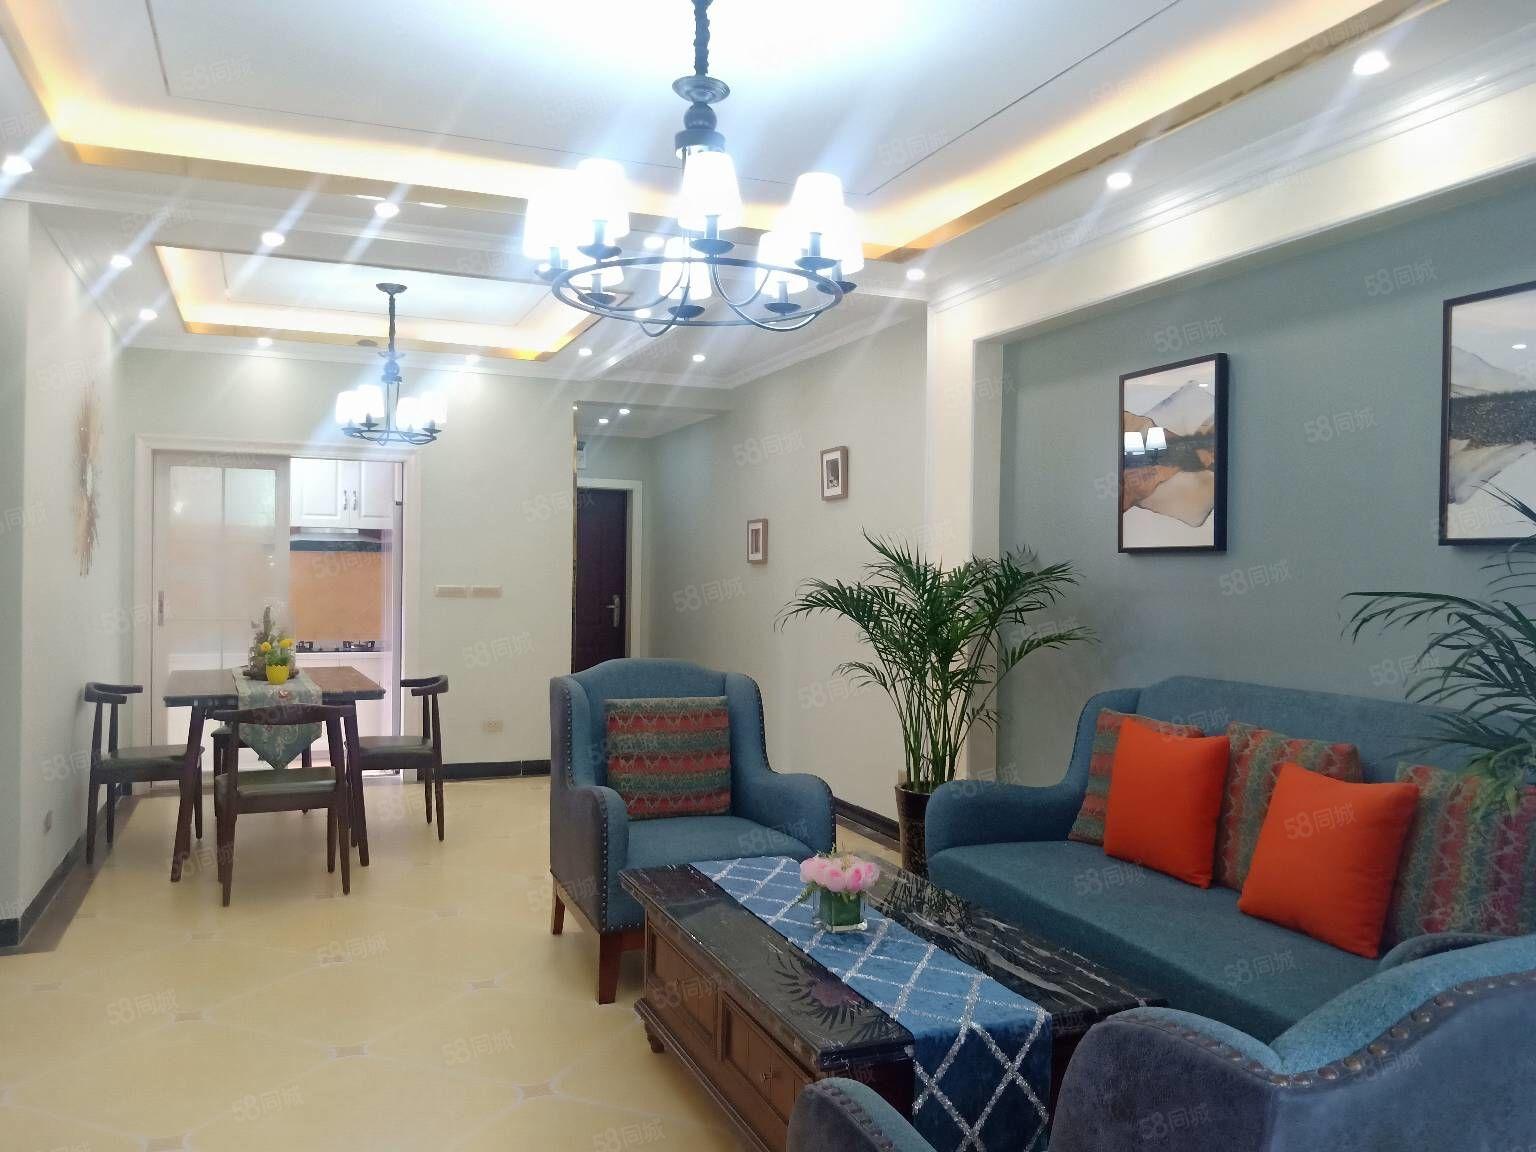 鷗鵬華府豪華躍層裝修三室兩廳兩衛大陽臺出售朝中庭戶型方正